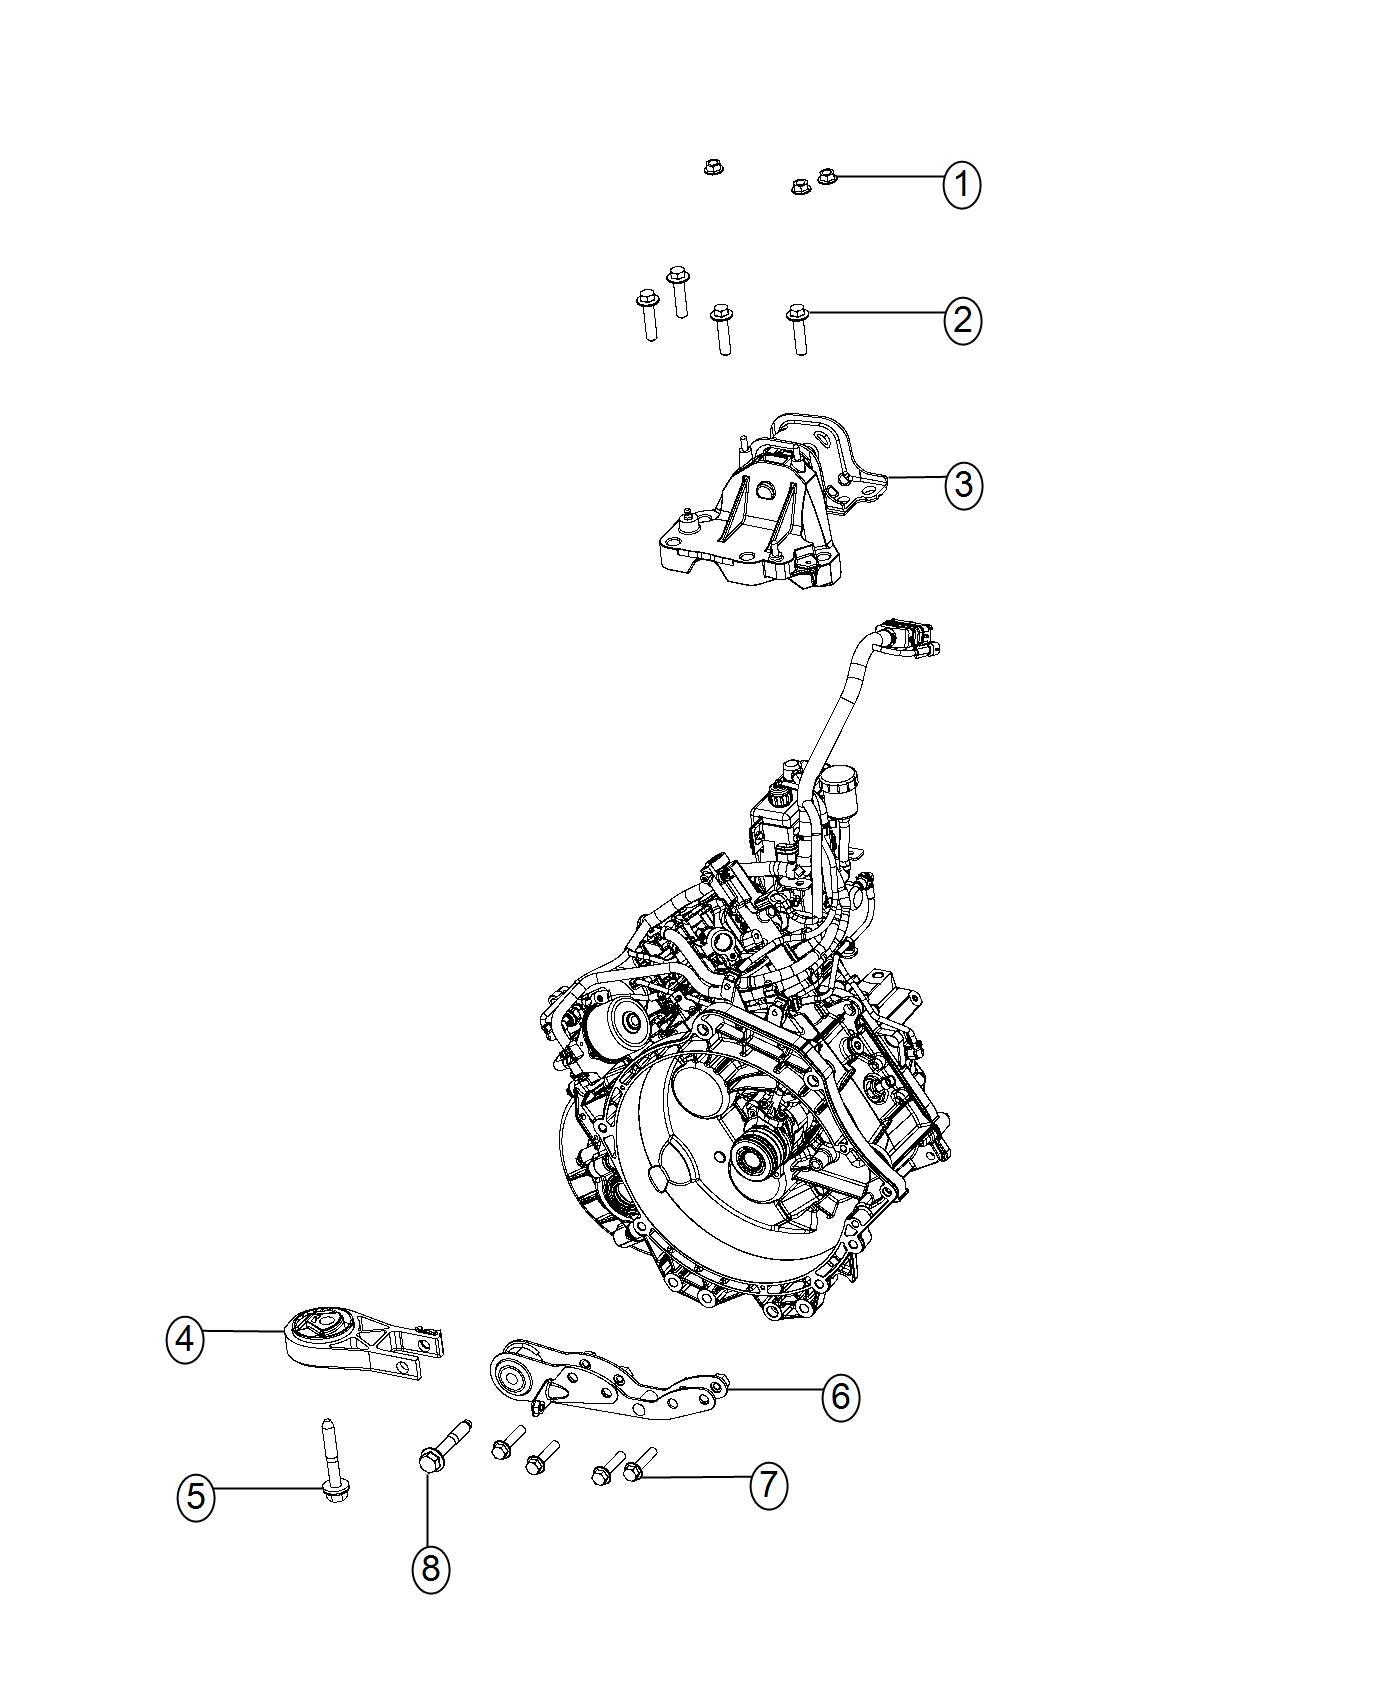 Ram Isolator Transmission Mount Assembly Engine